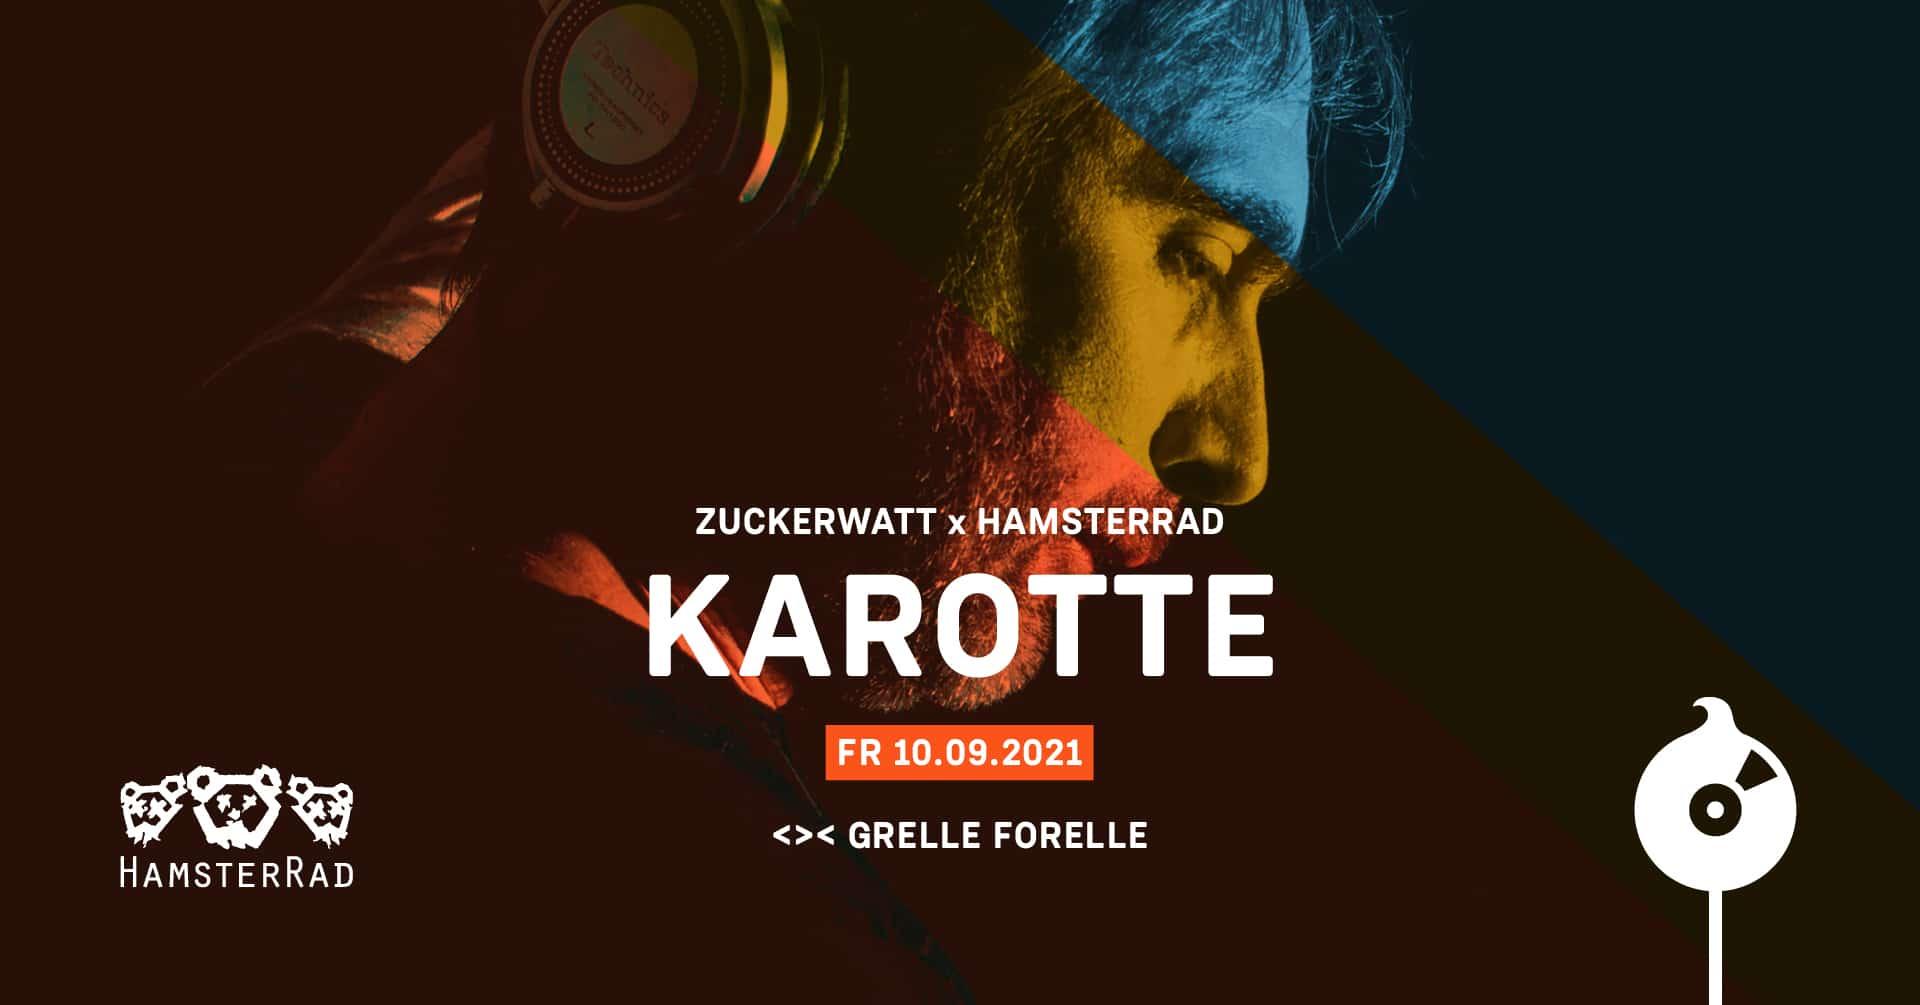 Events Wien: ZUCKERWATT w/ KAROTTE 4H SET & HAMSTERRAD